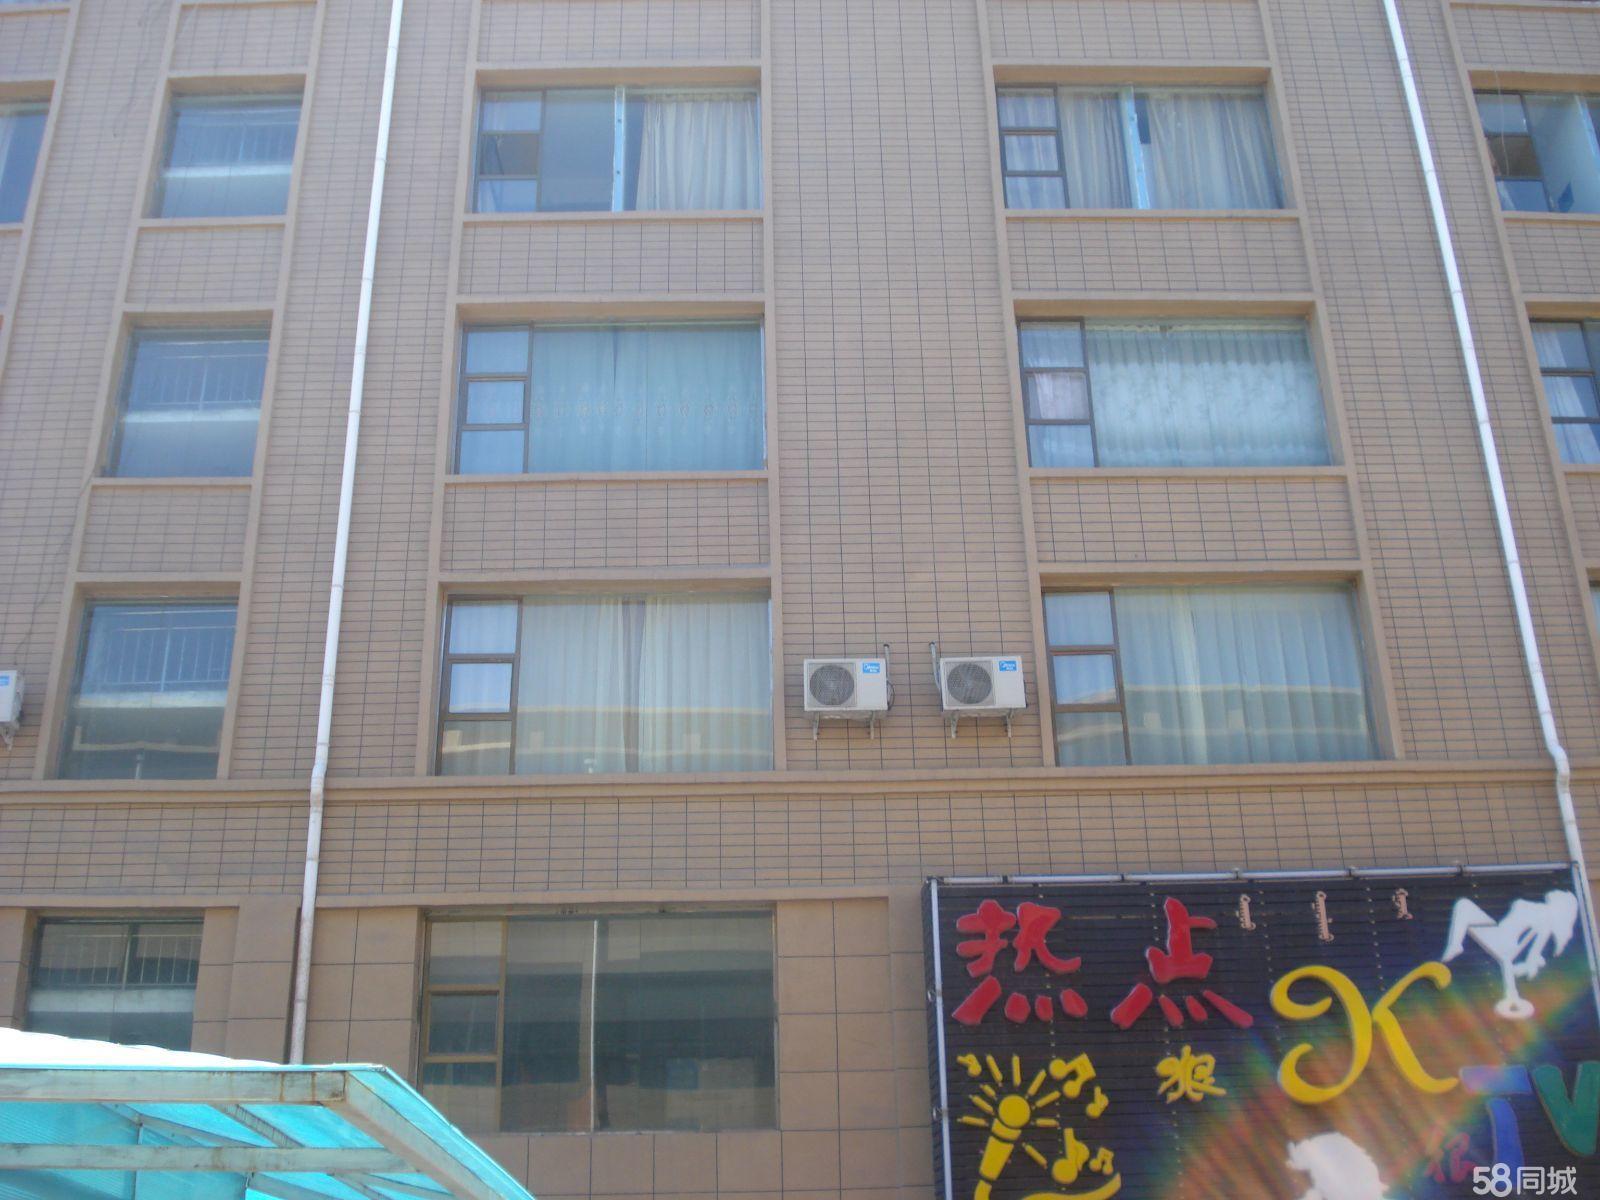 阿拉善盟周边八里庙百建步行街公寓1室1厅1卫50.42平米